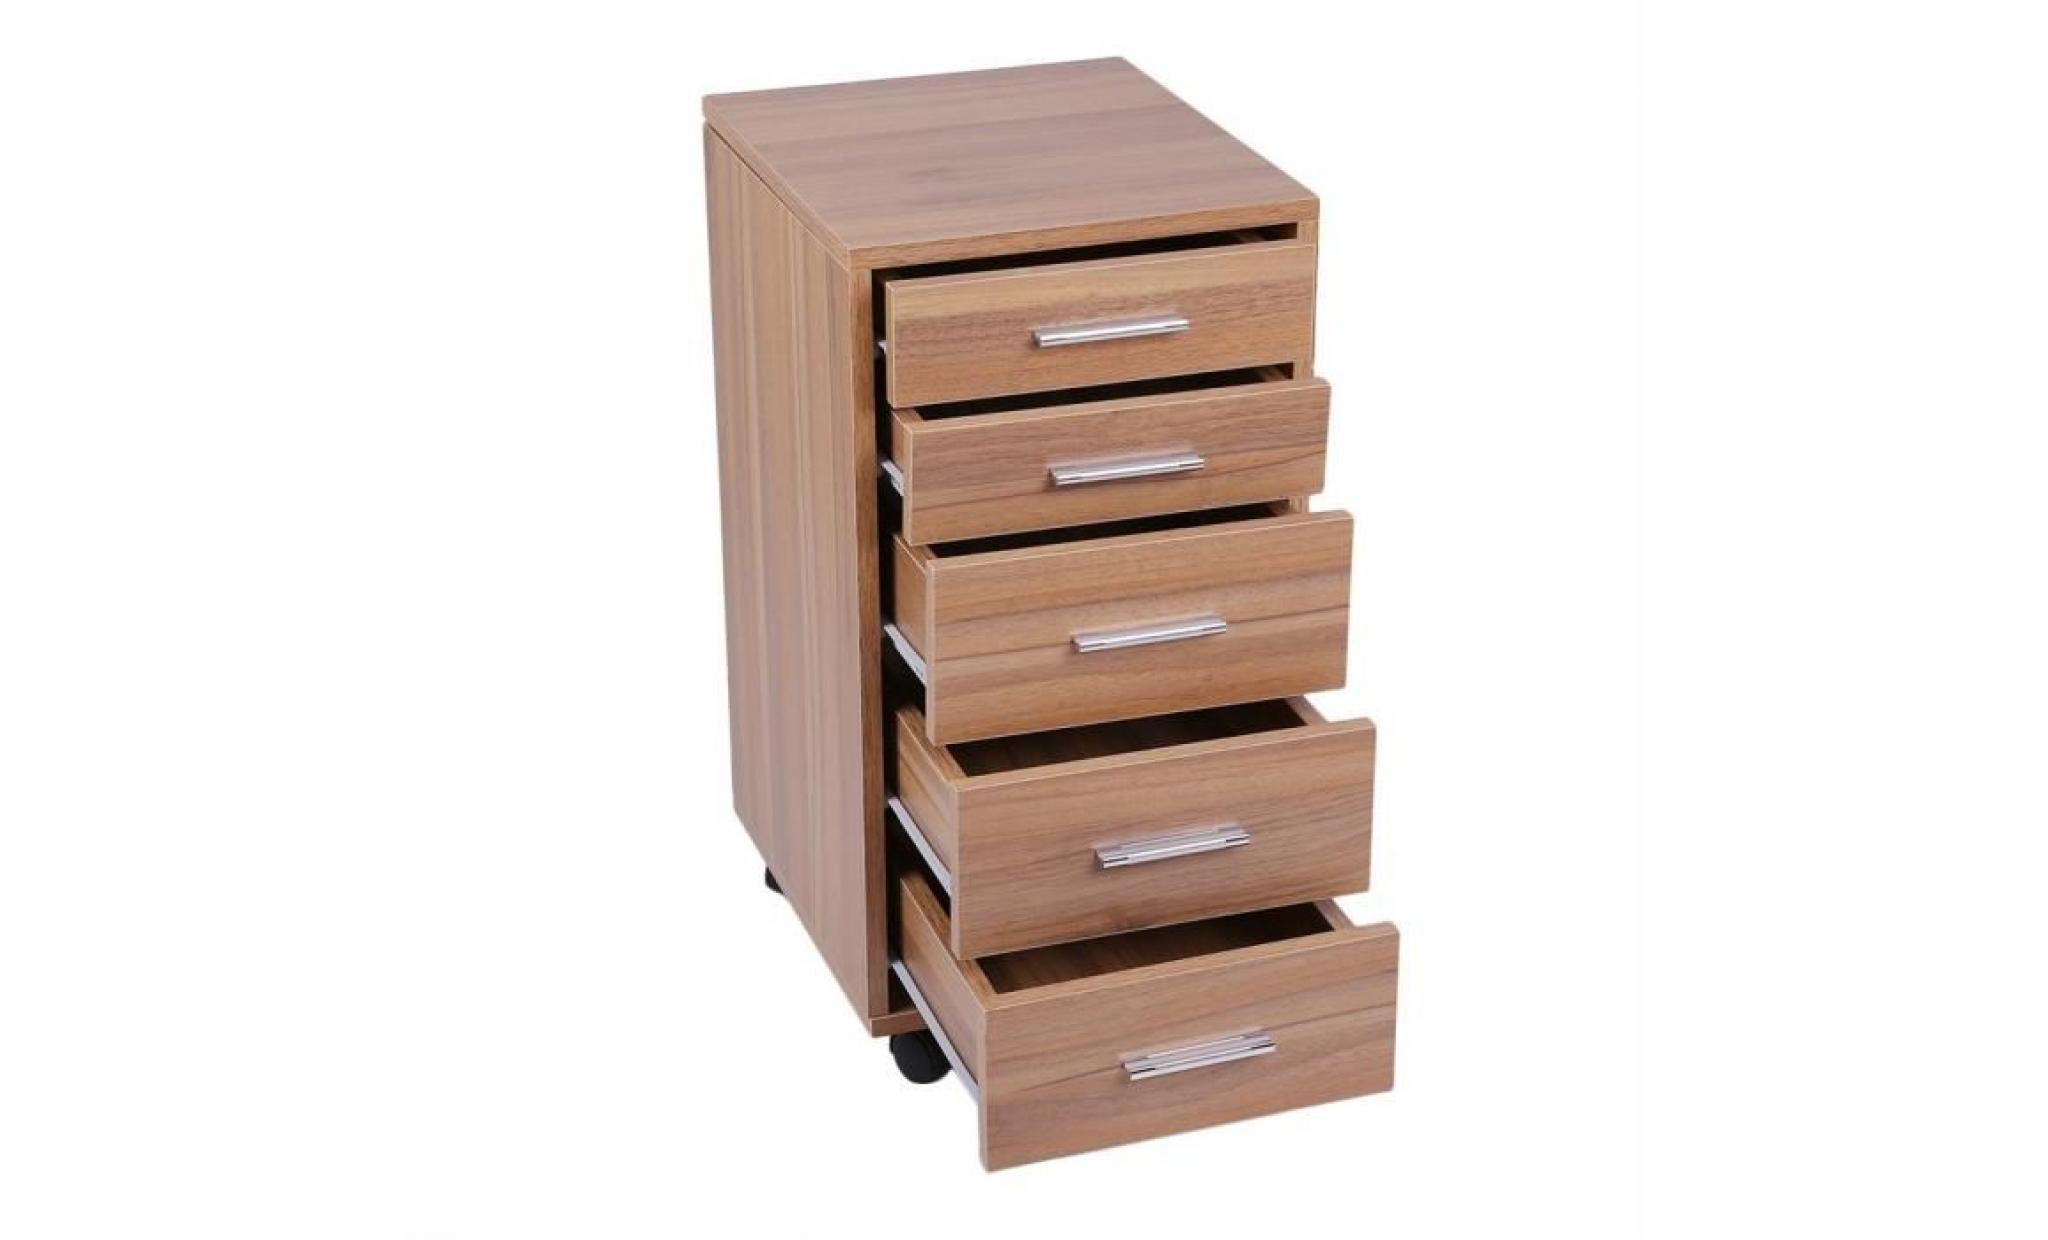 commode bois armoire meuble de rangement avec 5 tiroir achat vente commode pas cher couleur et design fr